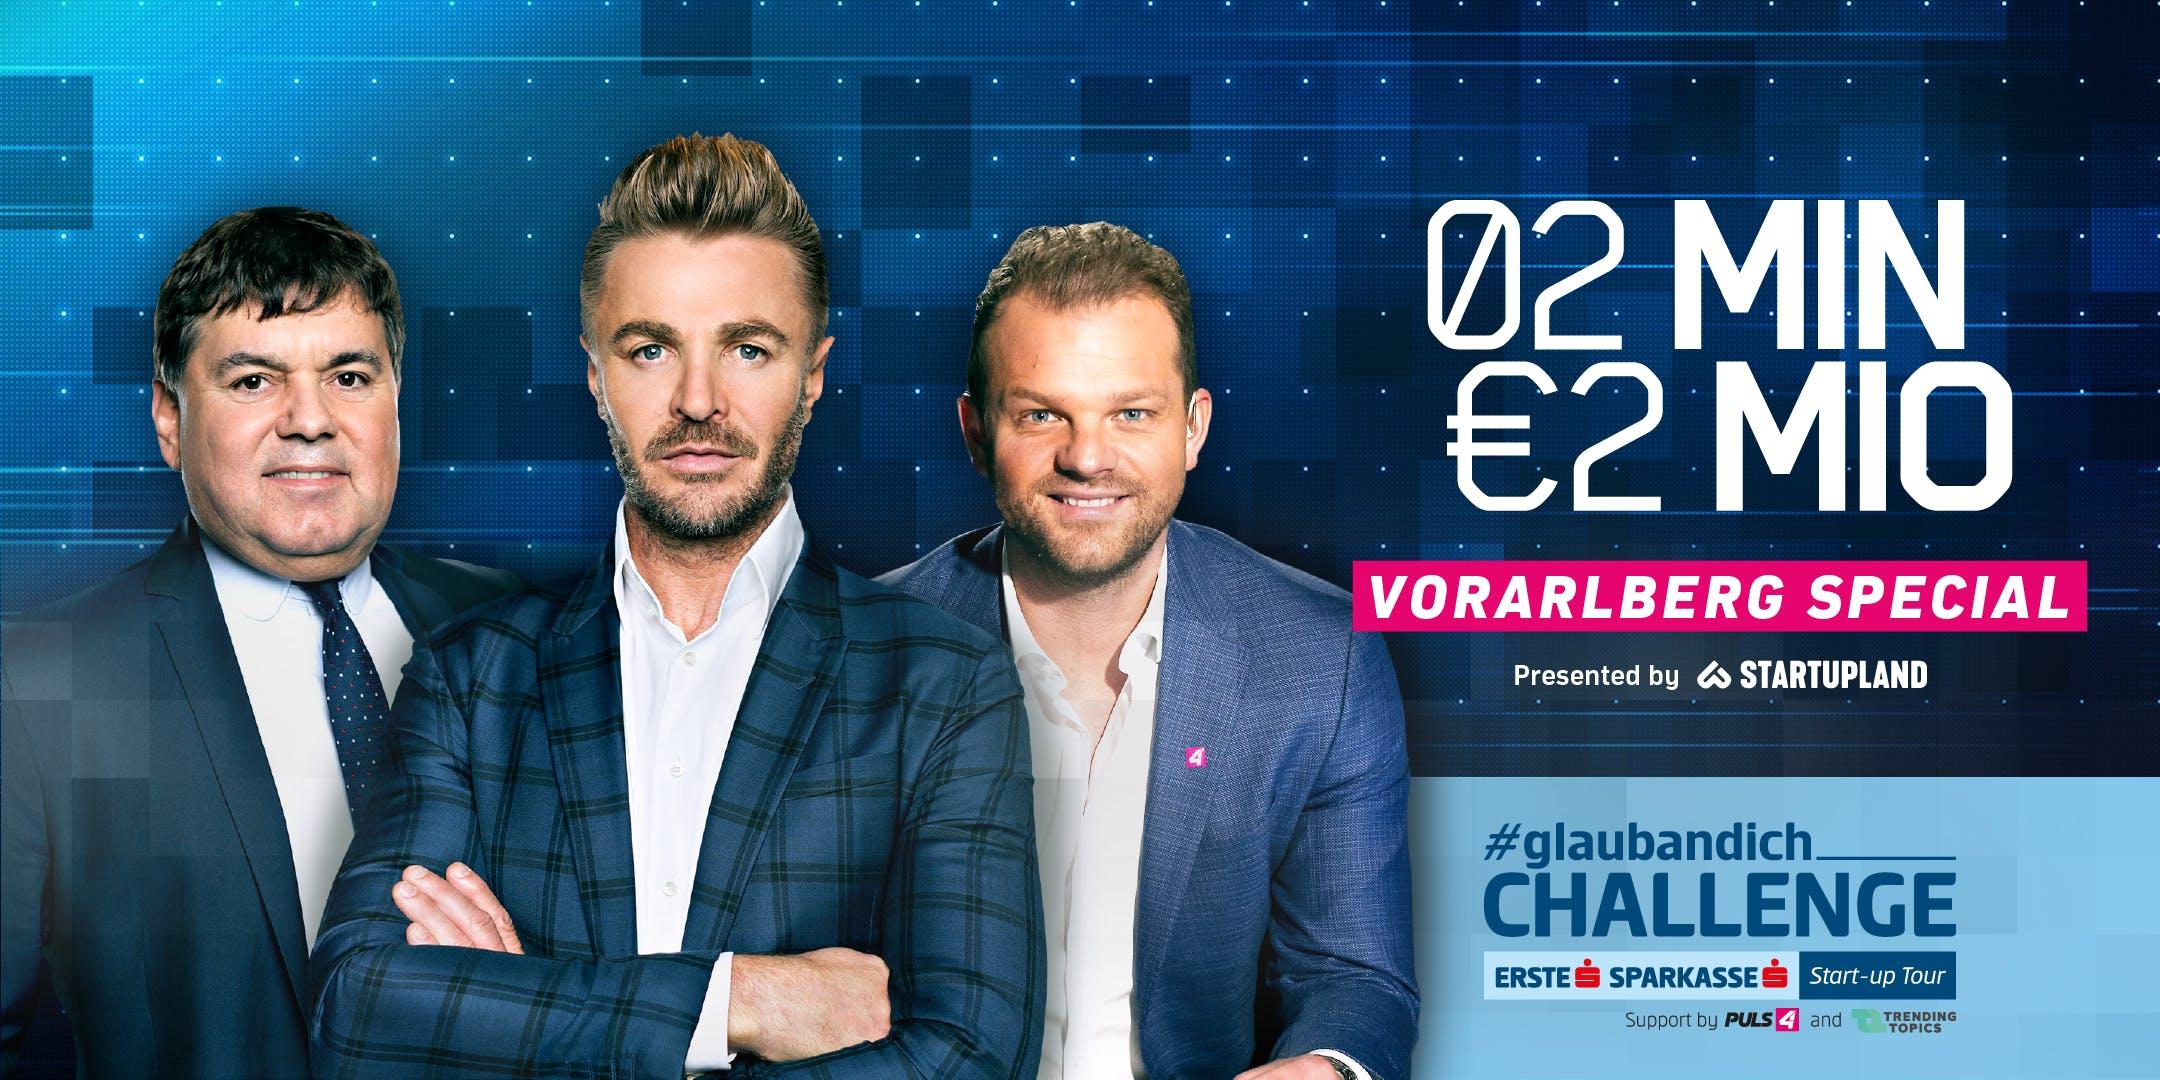 2 Minuten 2 Millionen Vorarlberg Special